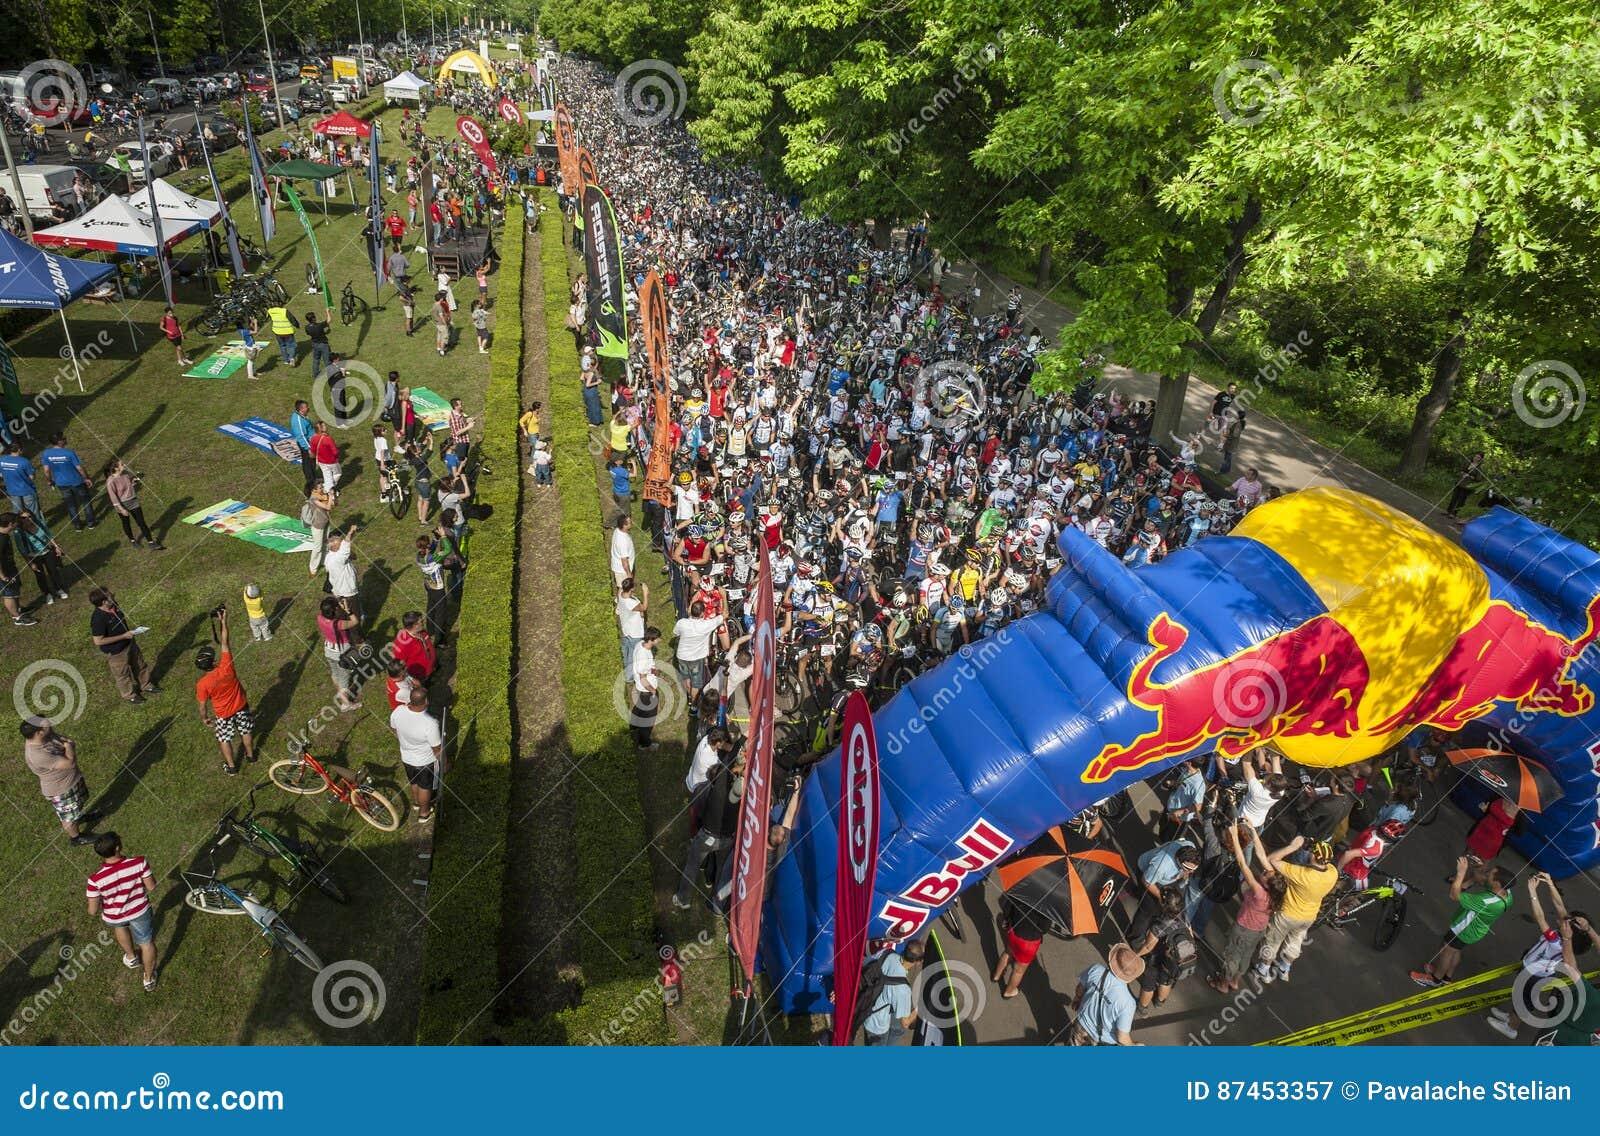 Zuschauer gegen die gedrängten Athleten bereit, in einem mountainbike Wettbewerb zu beginnen